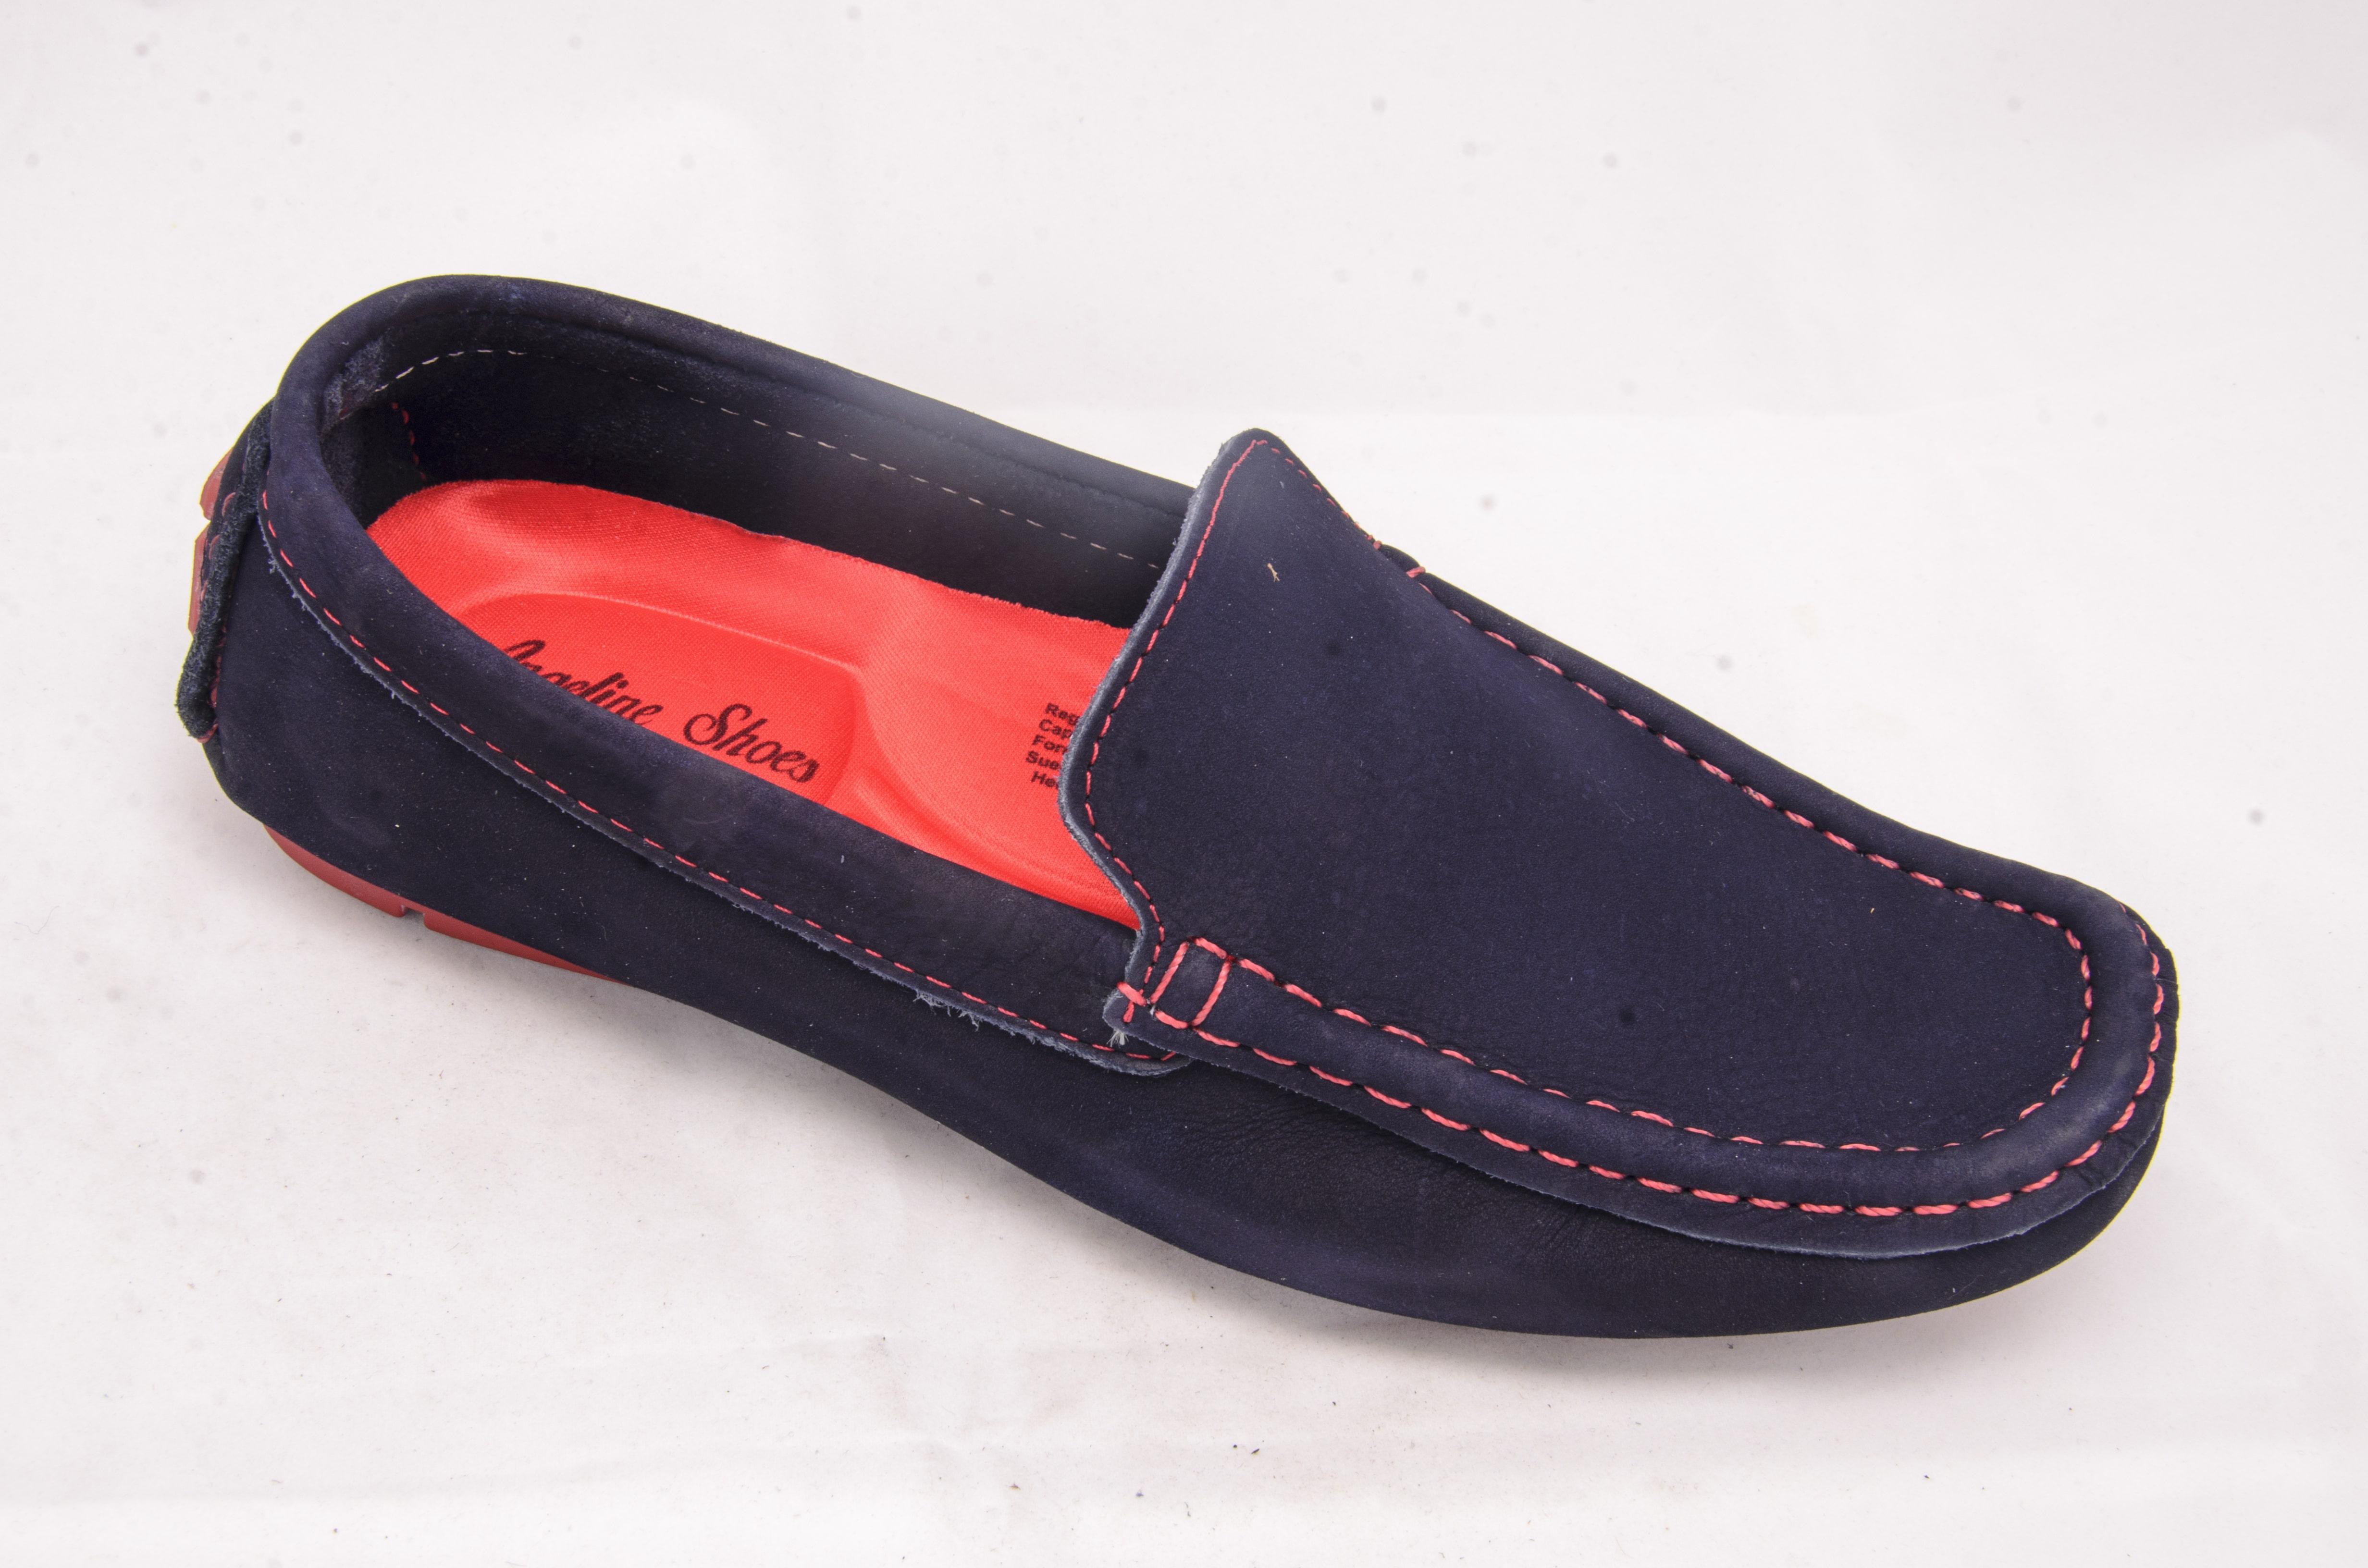 8e4bcb9e20 el botín de Andrés zapatos - Zapatos